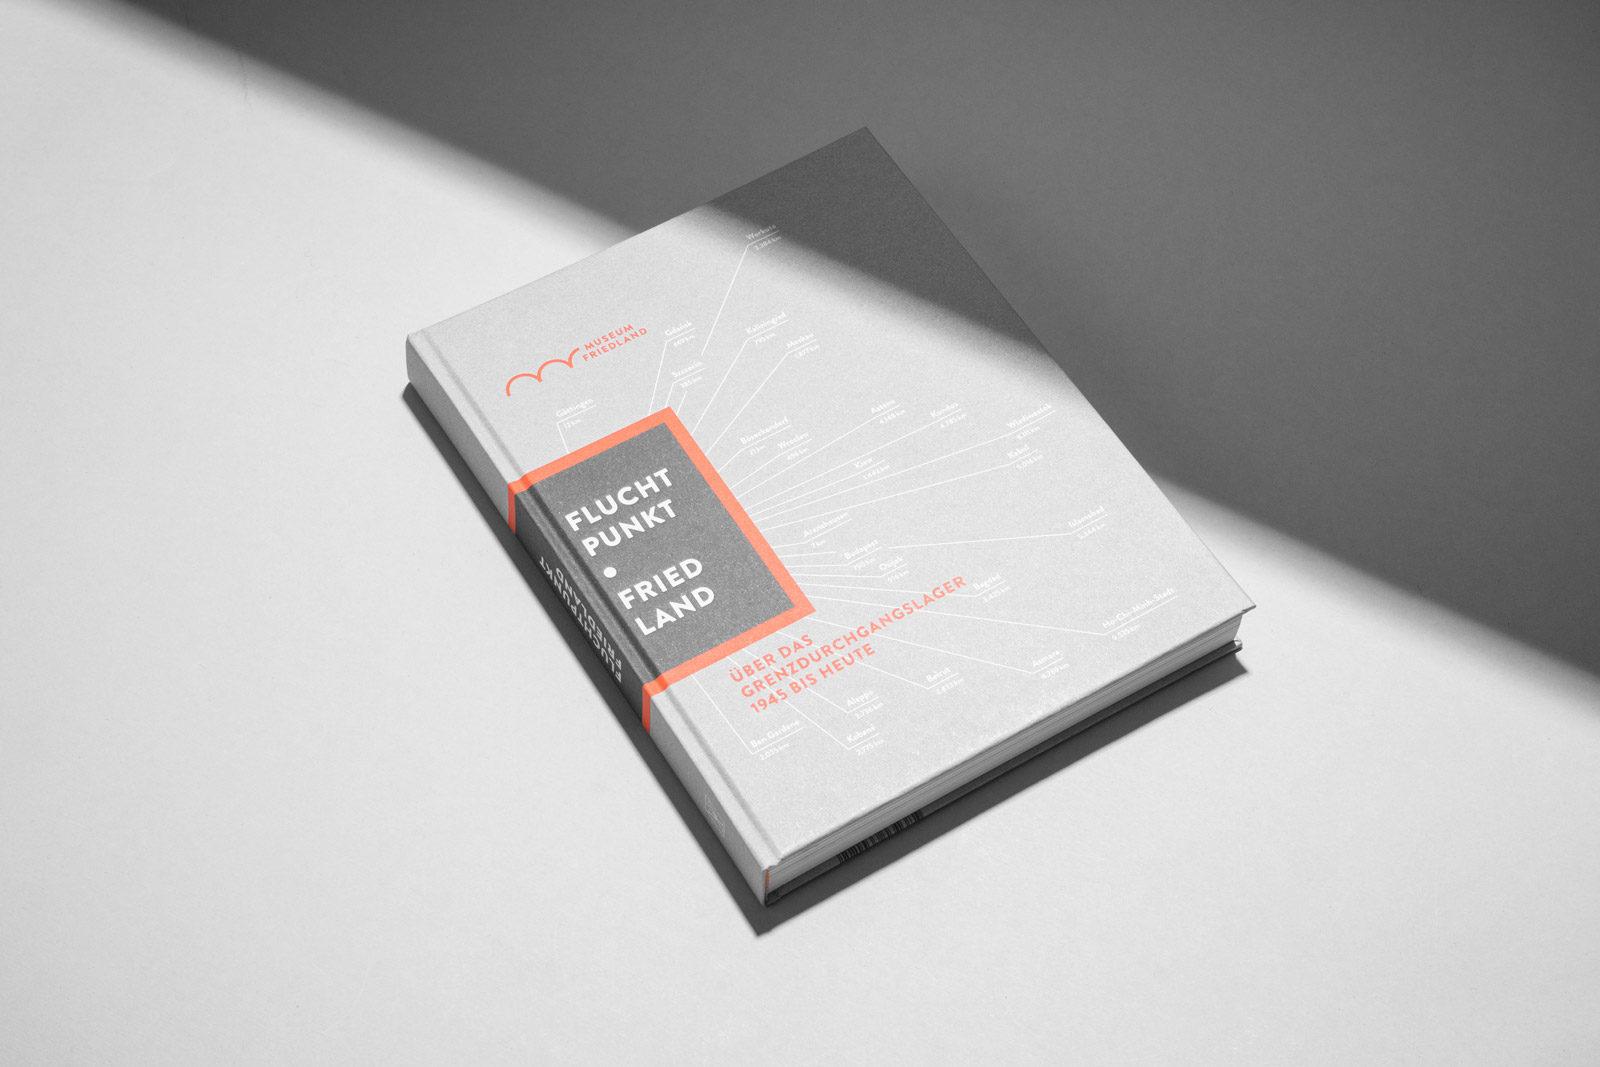 Editienne Grafikdesign - Kommunikationsdesign Berlin-Buchgestaltung für den Ausstellungskatalog, Editorial Design- Museum Friedland 13